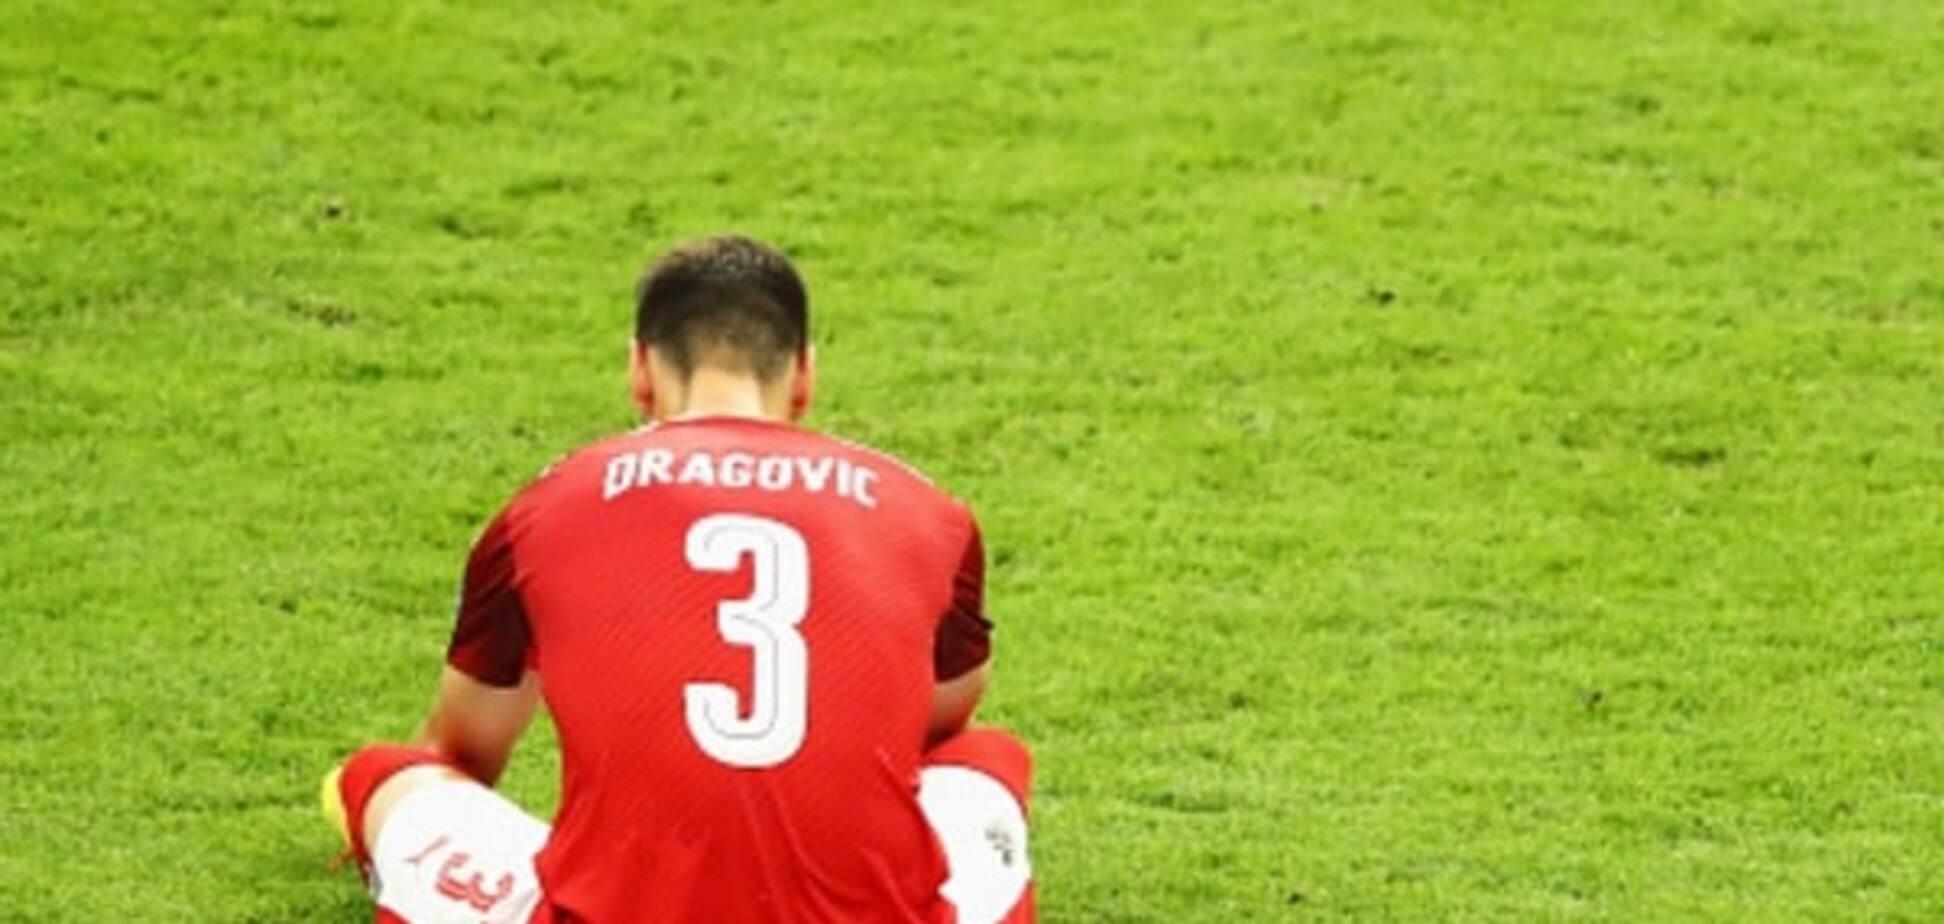 Александар Драгович